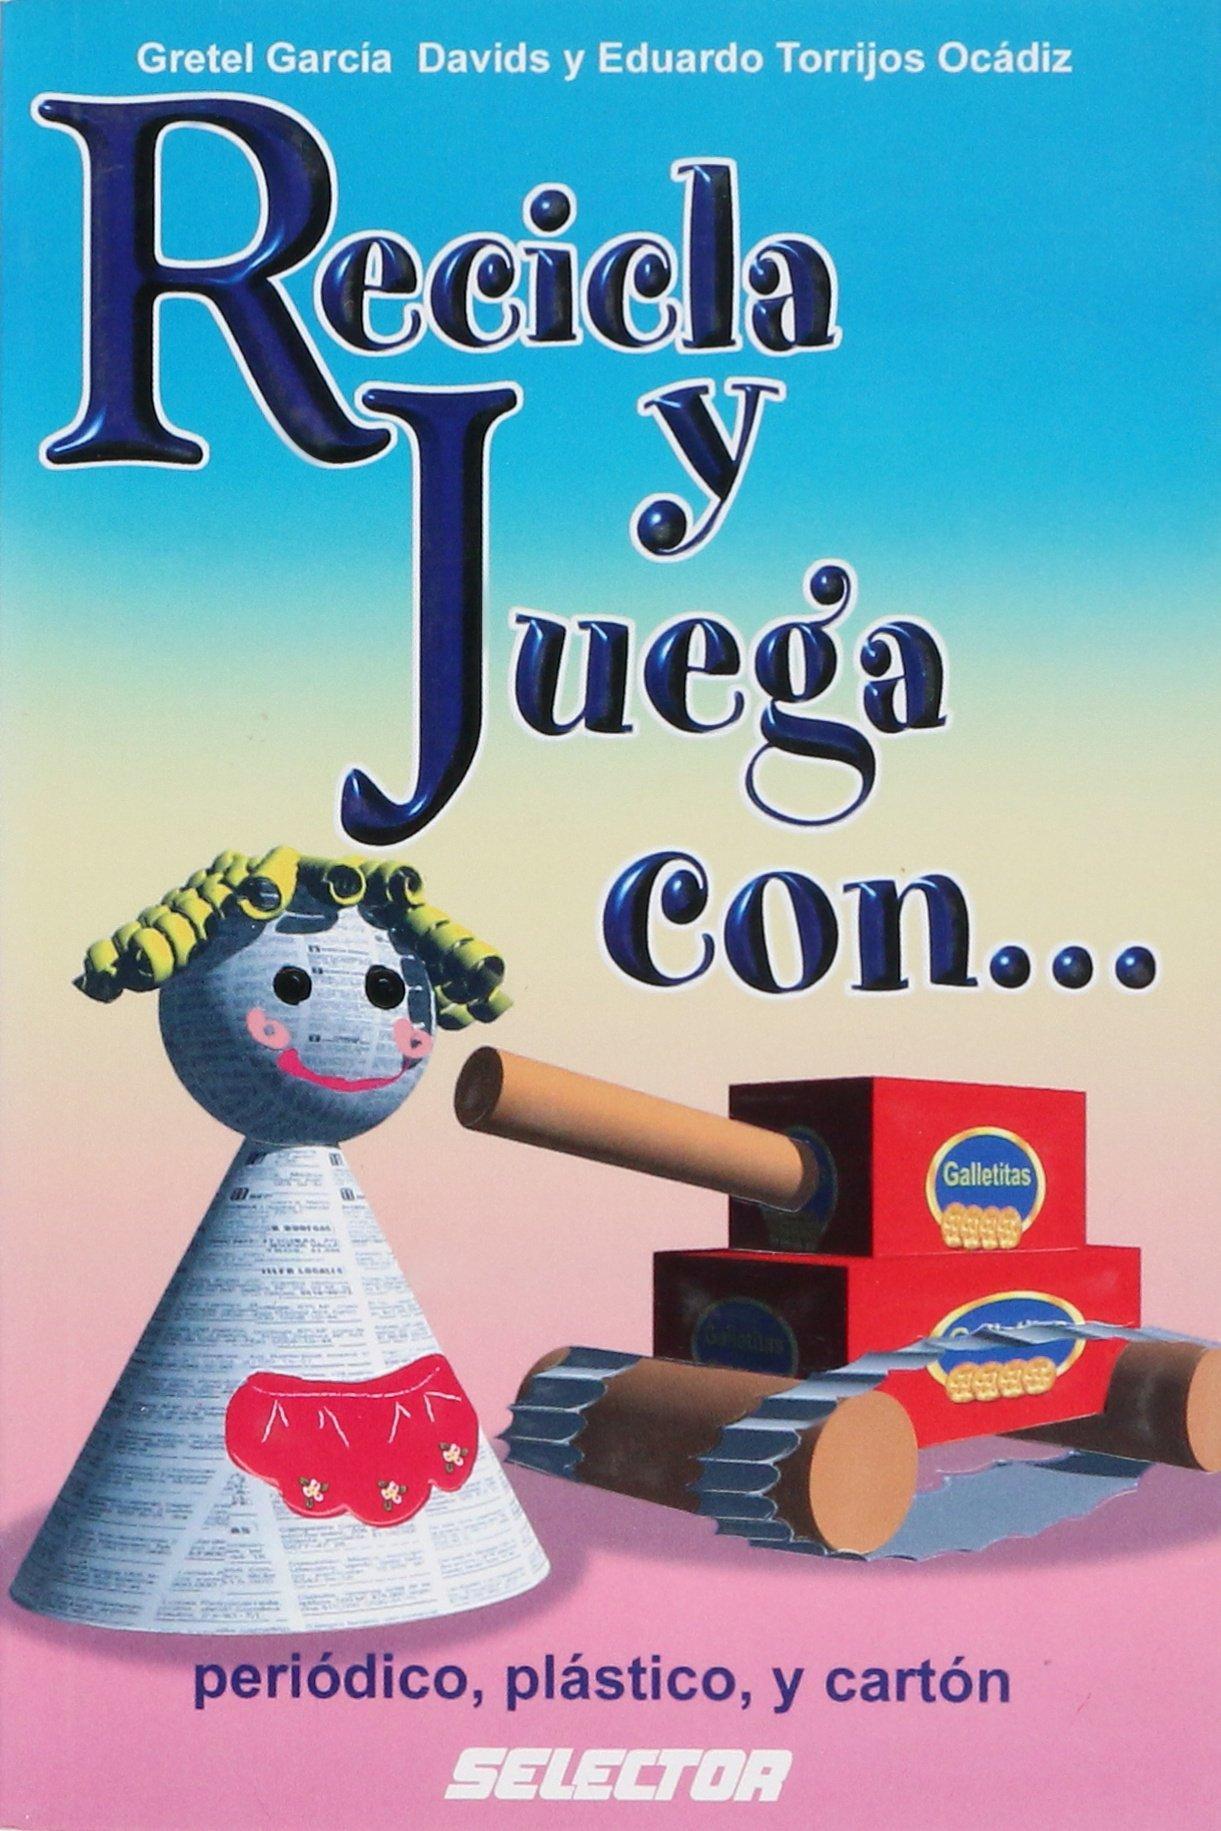 Recicla y juega con...periodico, plastico y carton (Manualidades) (Spanish Edition): Gretel Garcia Davids, Eduardo Torrijos Ocadiz: 9789706437112: ...